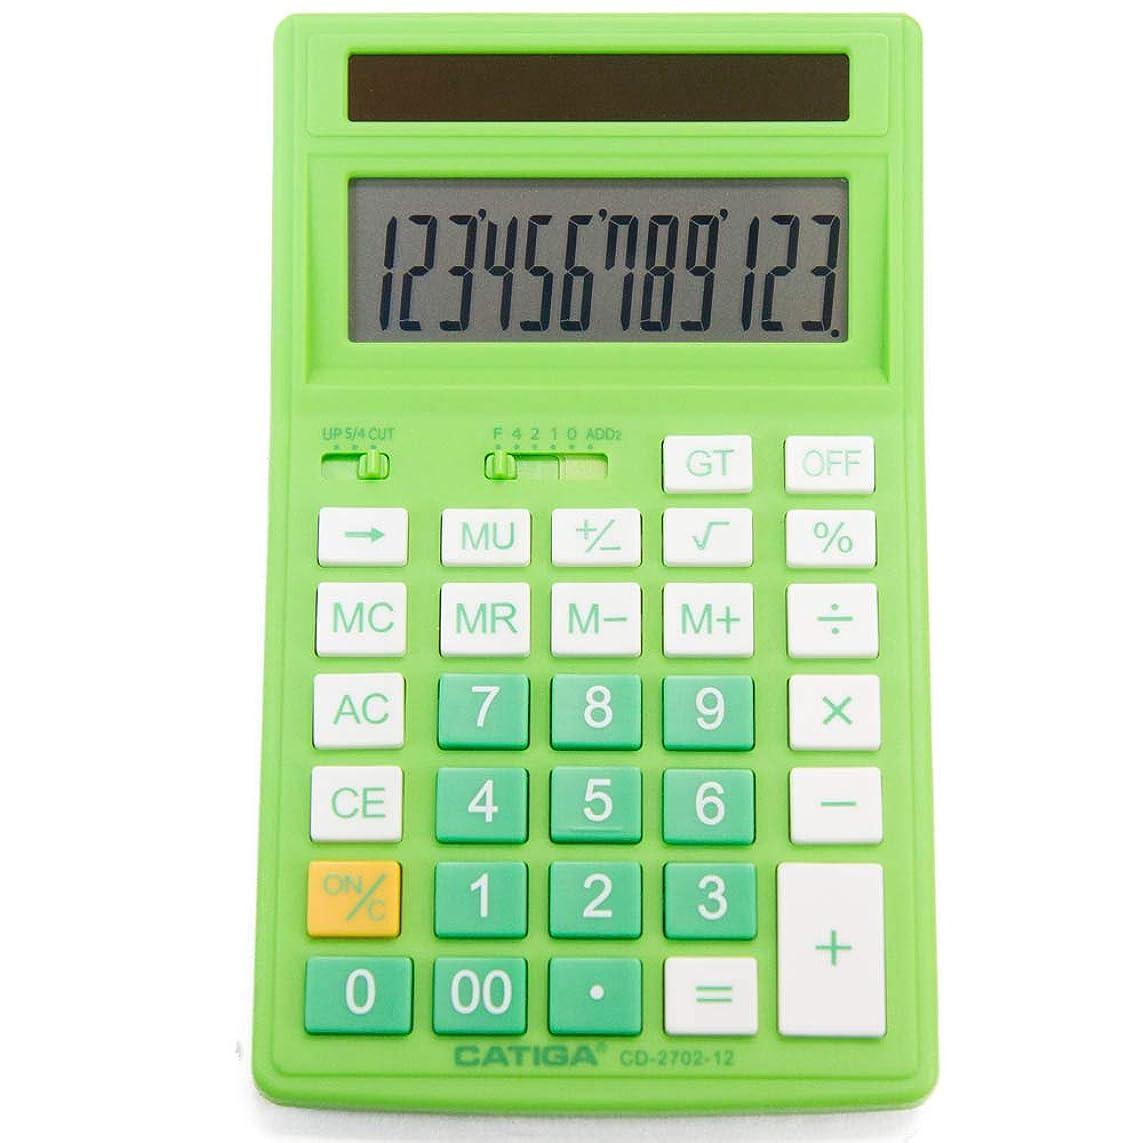 プレミア面倒ドームCATIGA CD-2702-12 標準機能計算機 - 家庭やビジネスに最適 - 12桁のハンドヘルド/デスク電卓